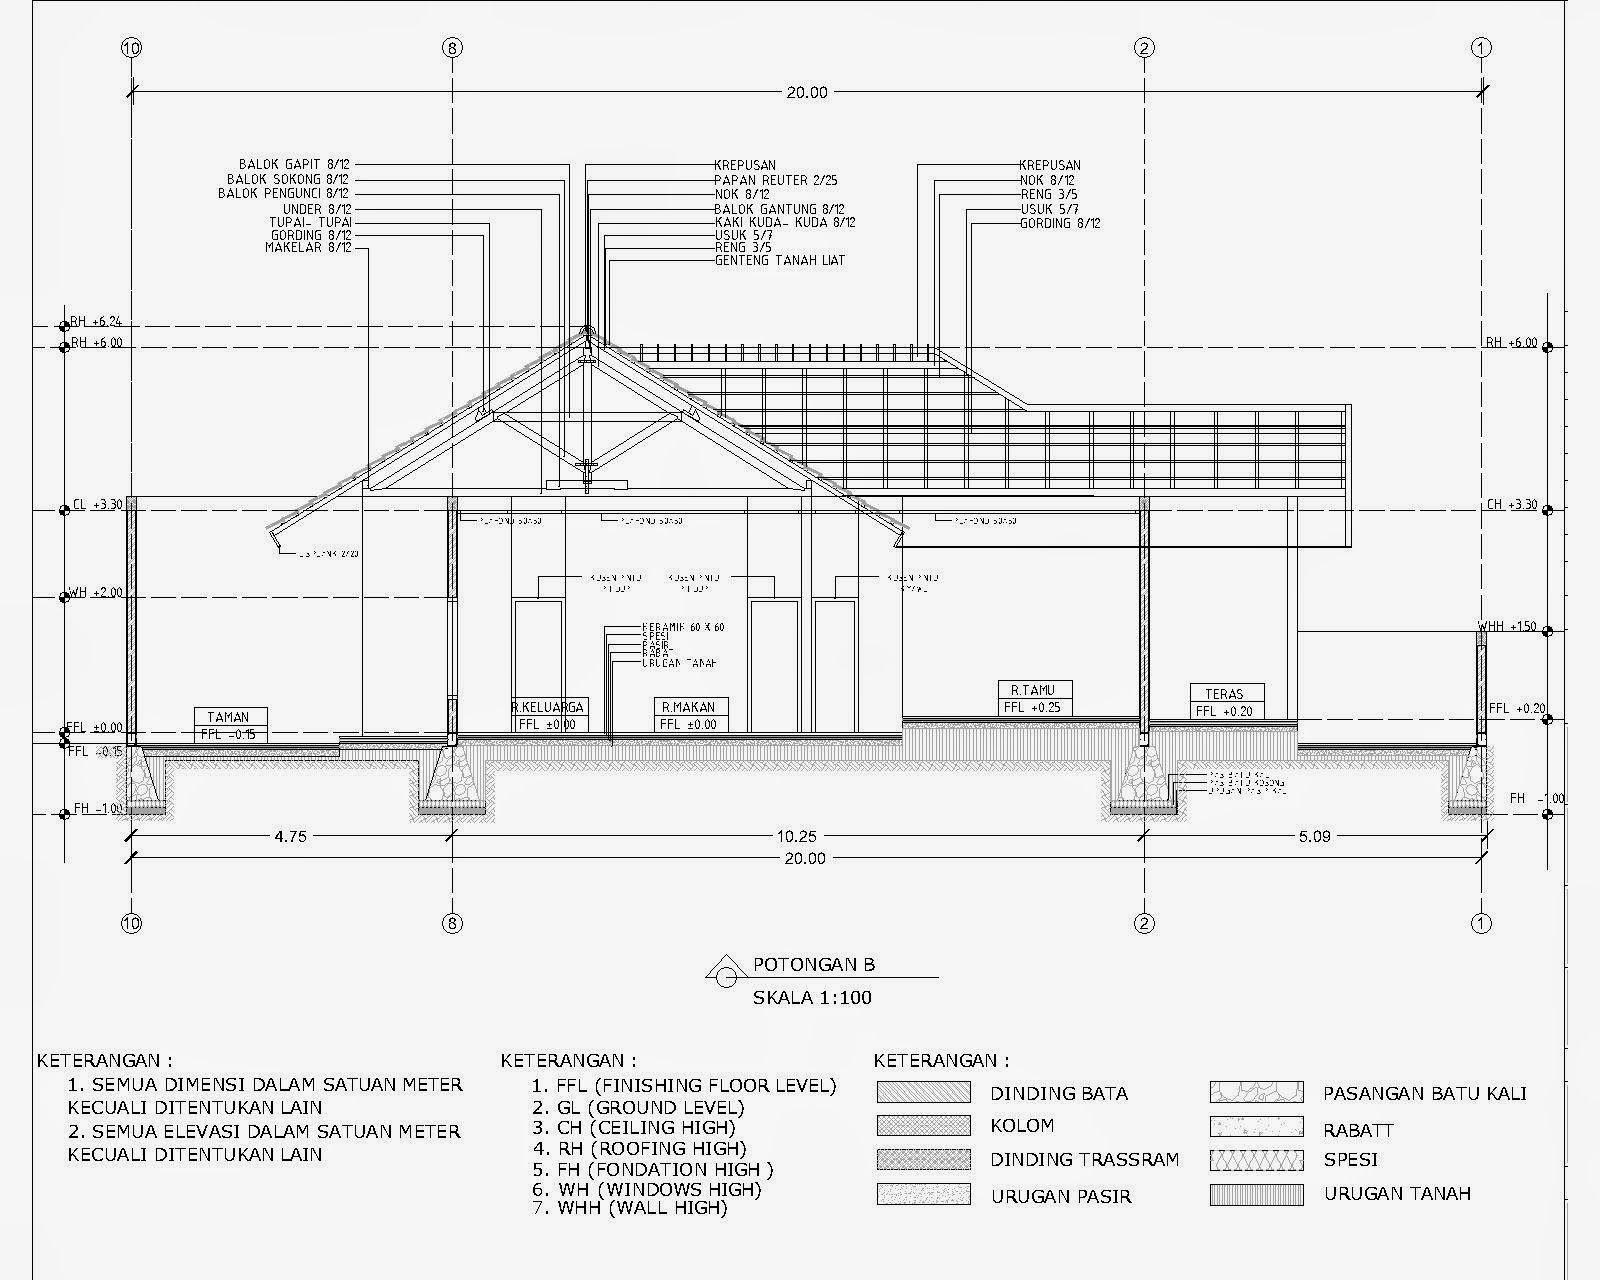 Contoh Denah Rumah Dengan Autocad  Desain Rumah